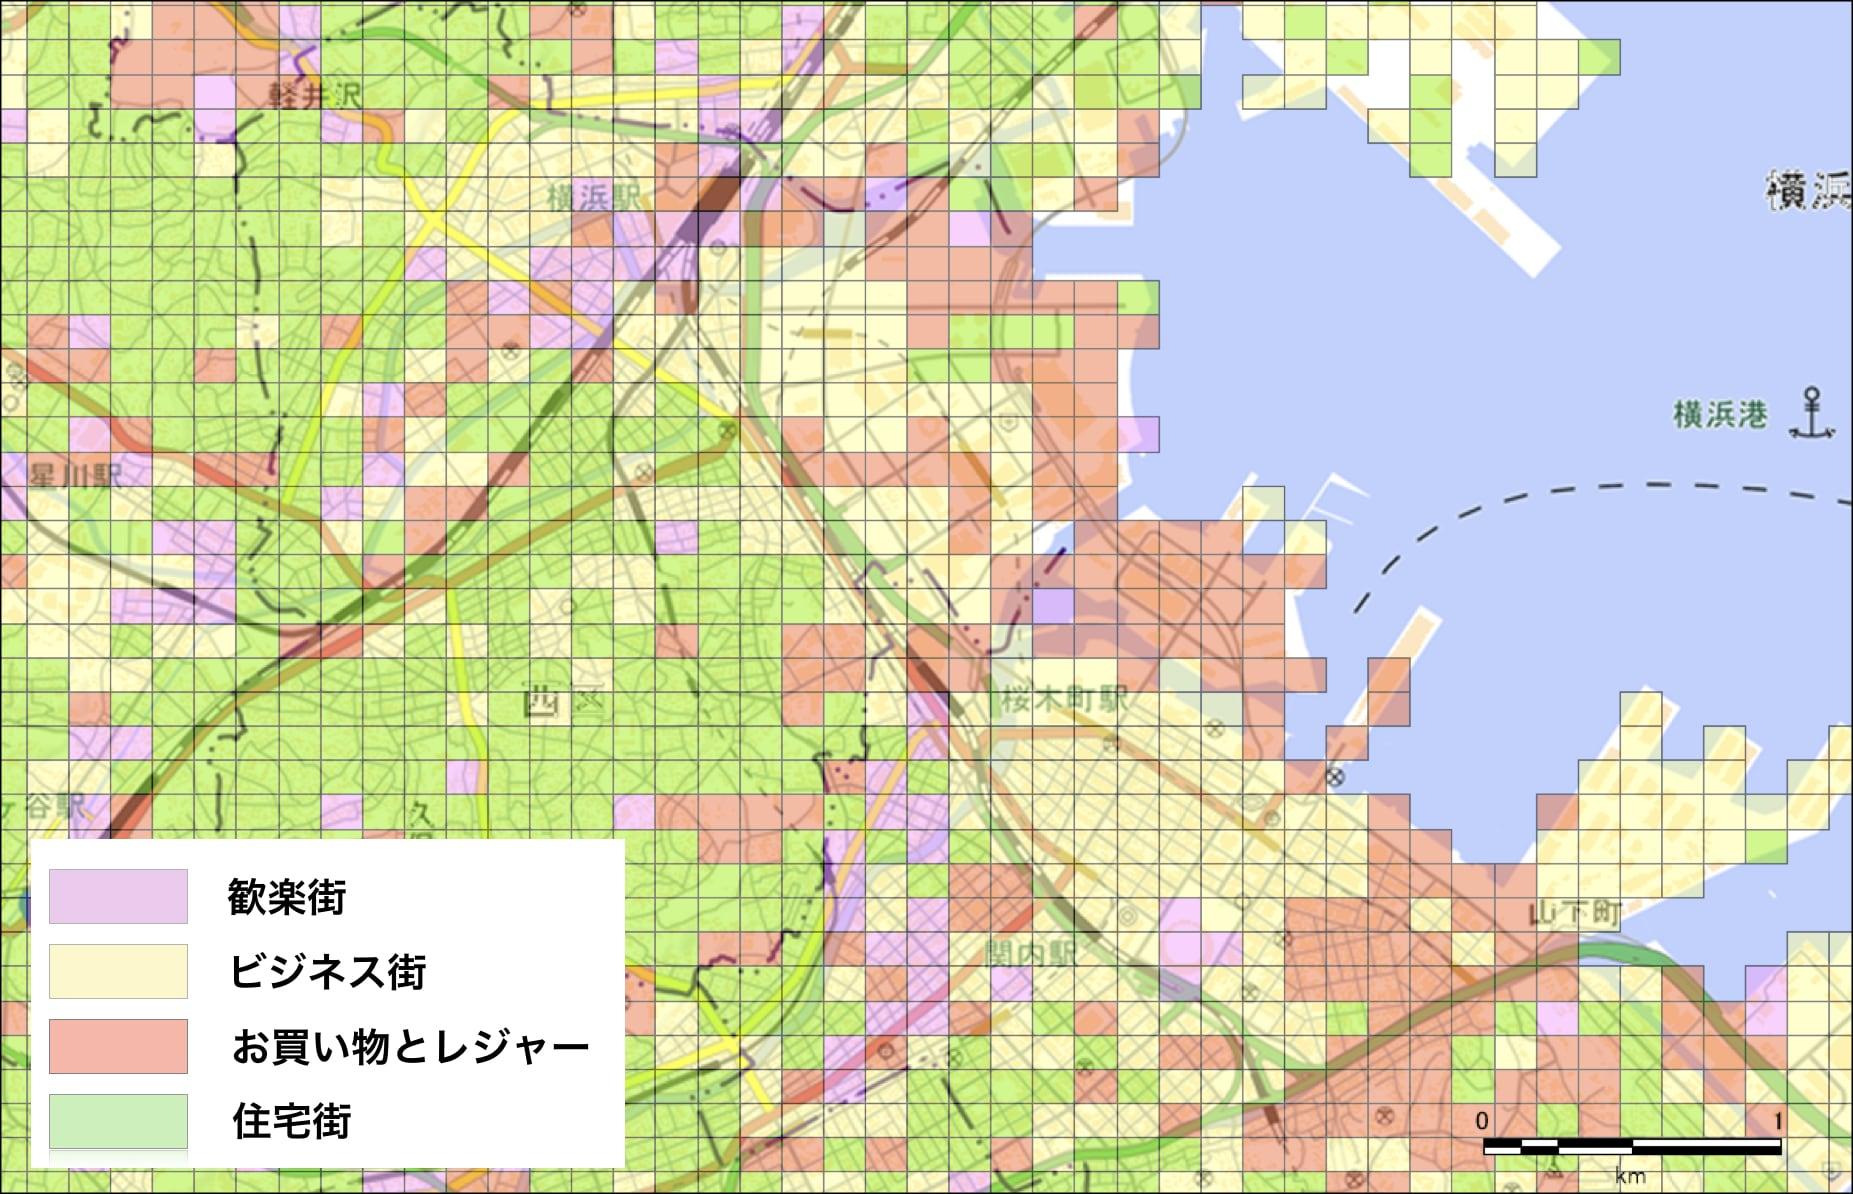 地域区分コード